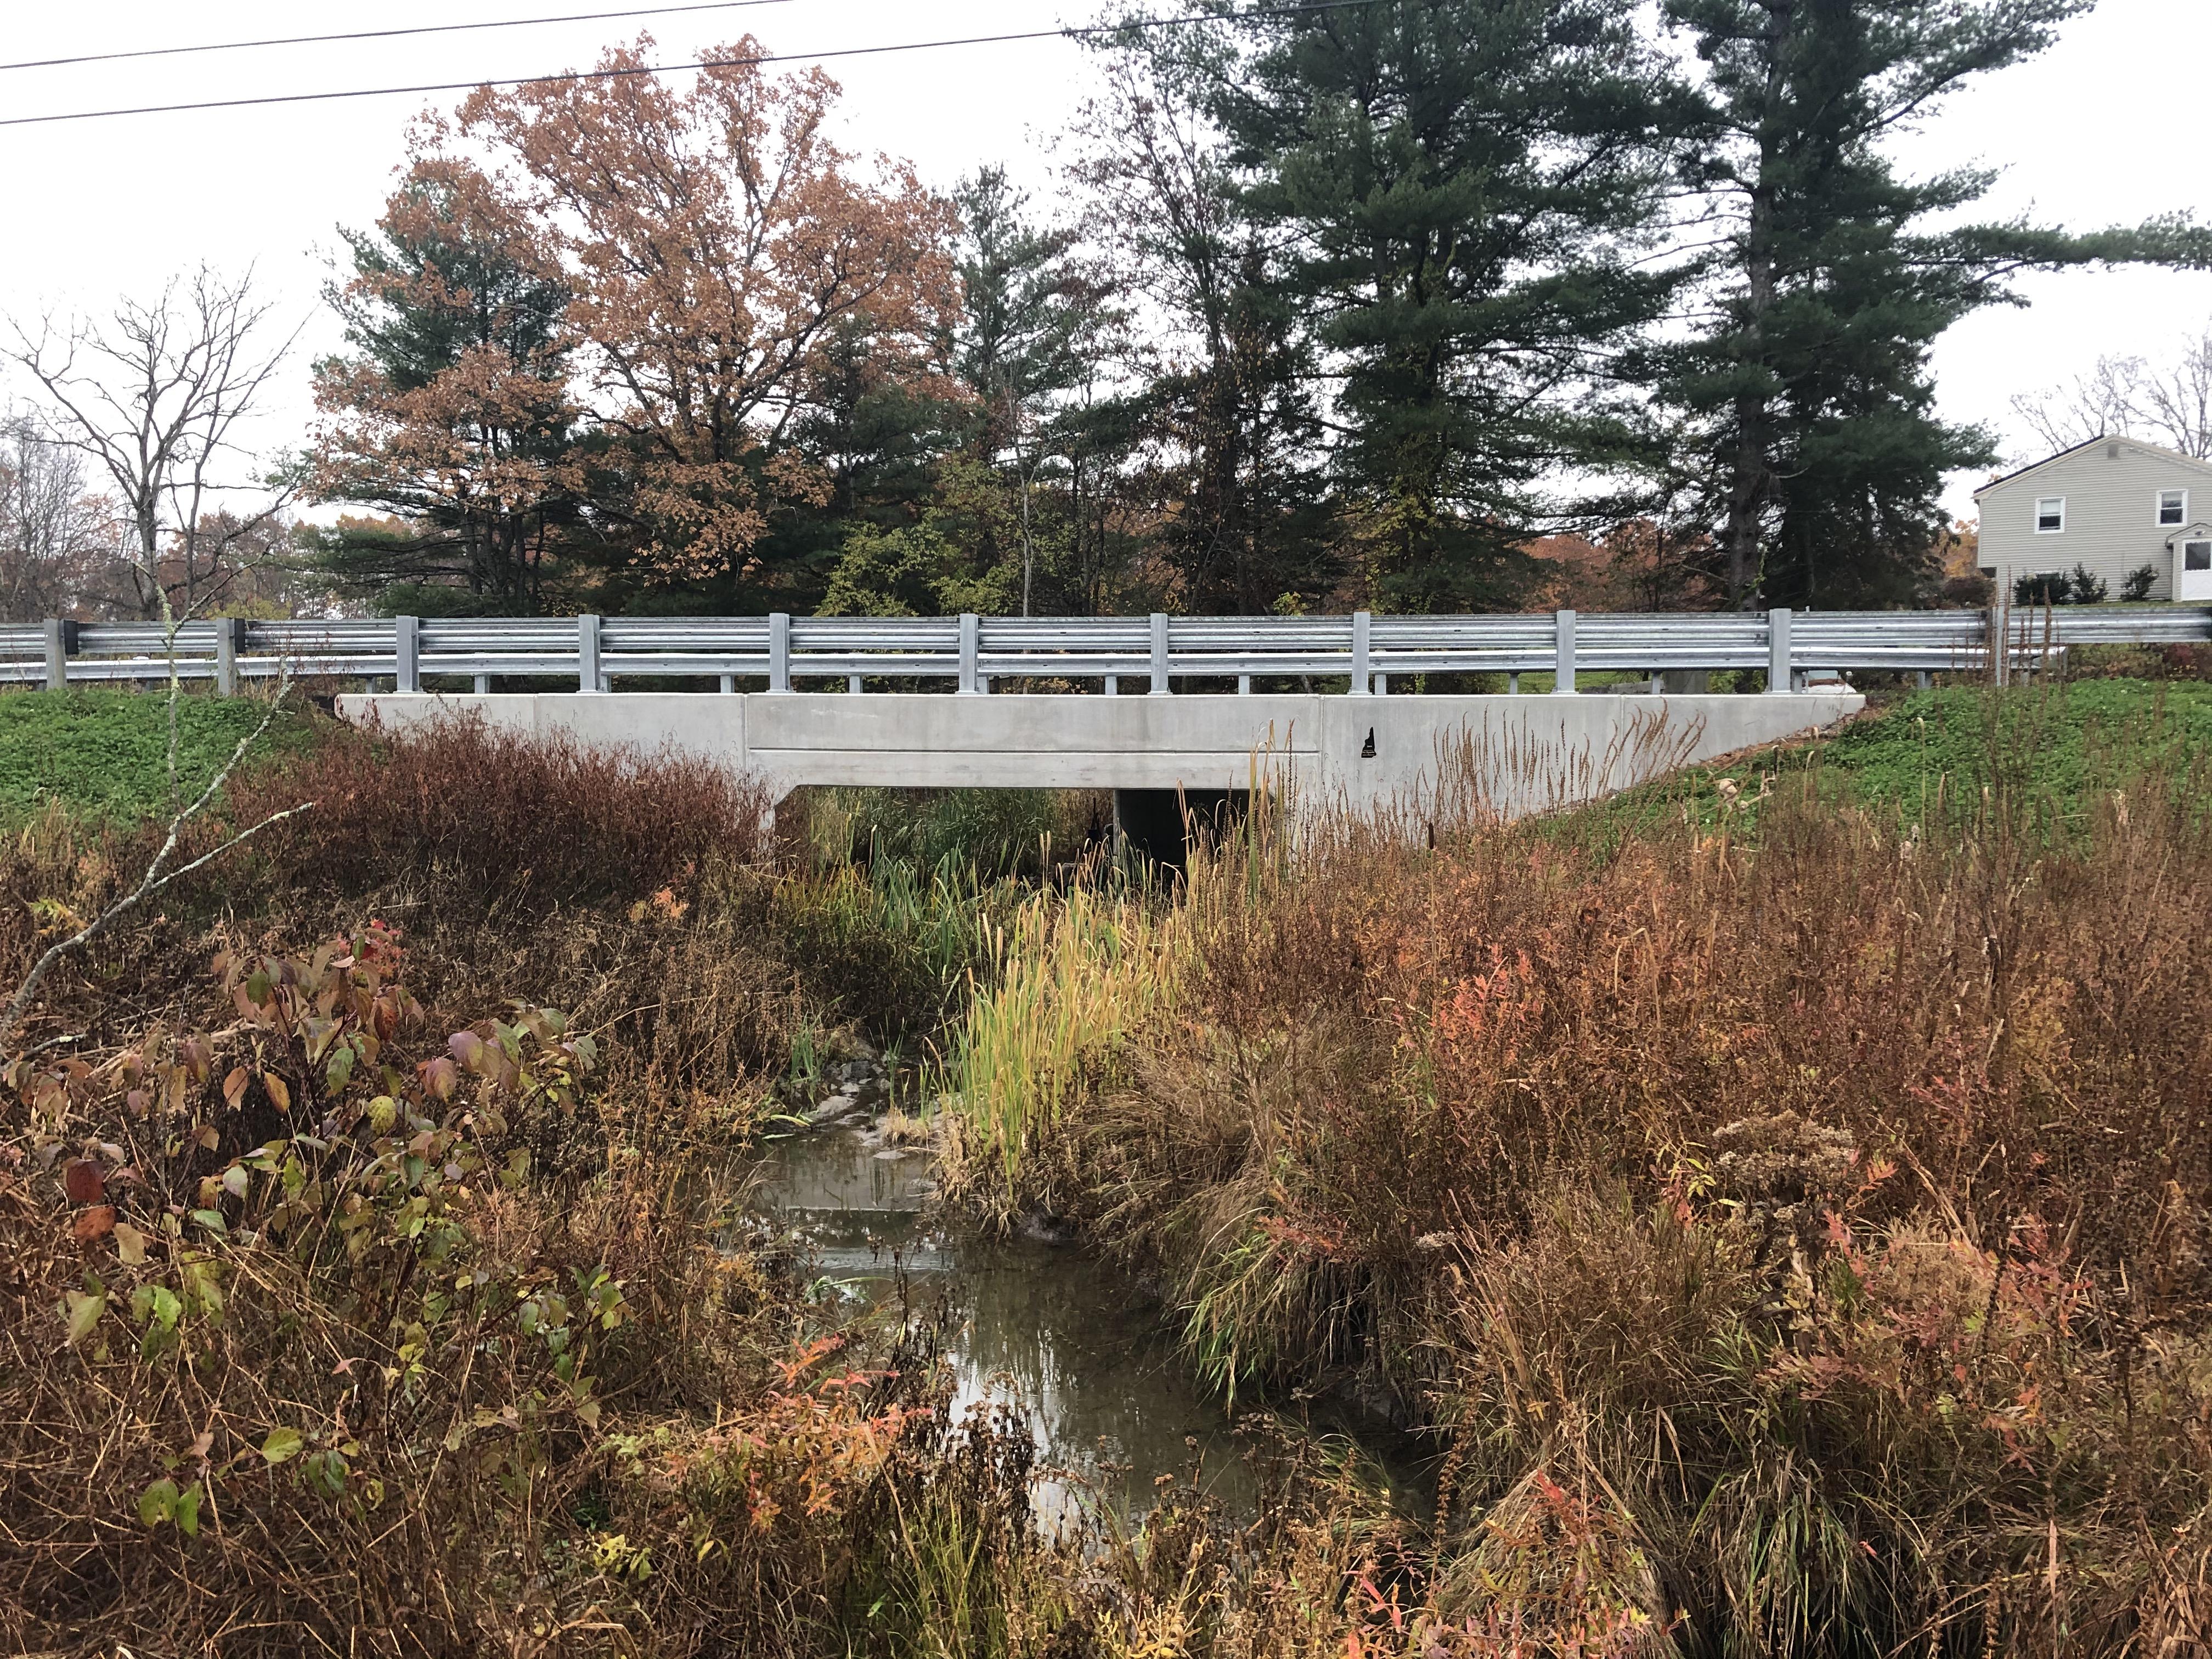 New concrete bridge spanning over a small stream. Tall grasses surround the stream.